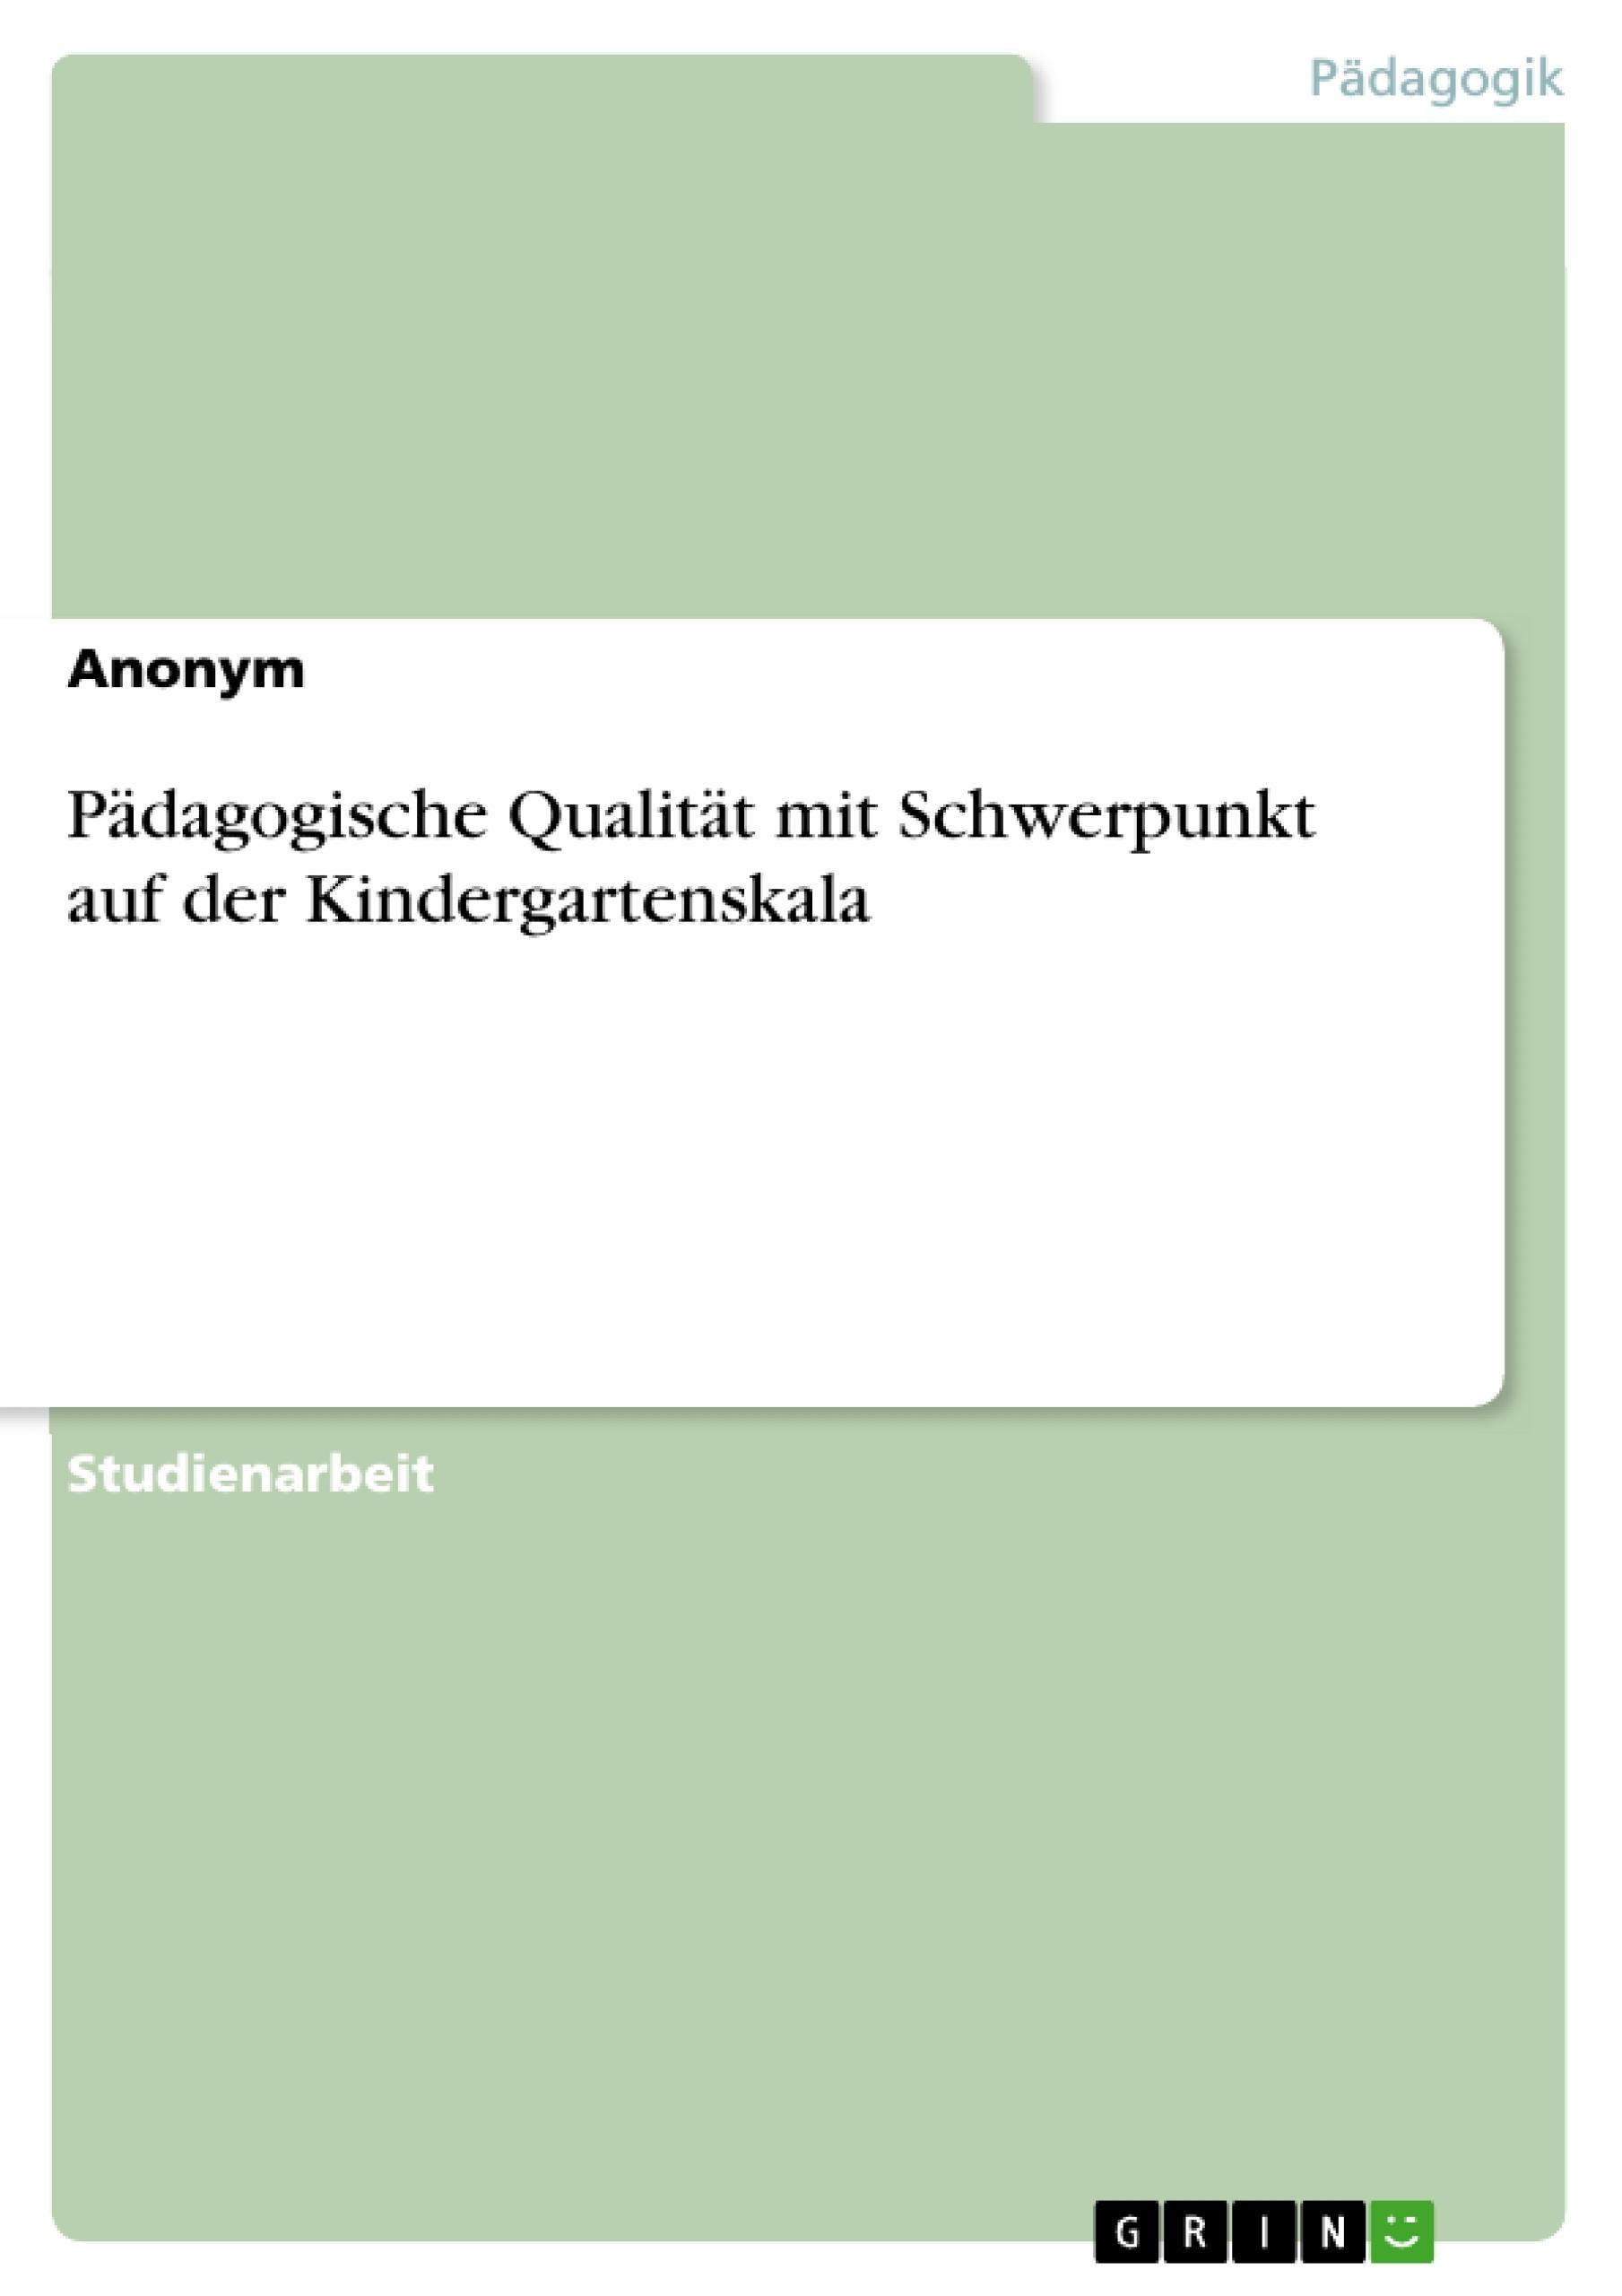 Titel: Pädagogische Qualität mit Schwerpunkt auf der Kindergartenskala